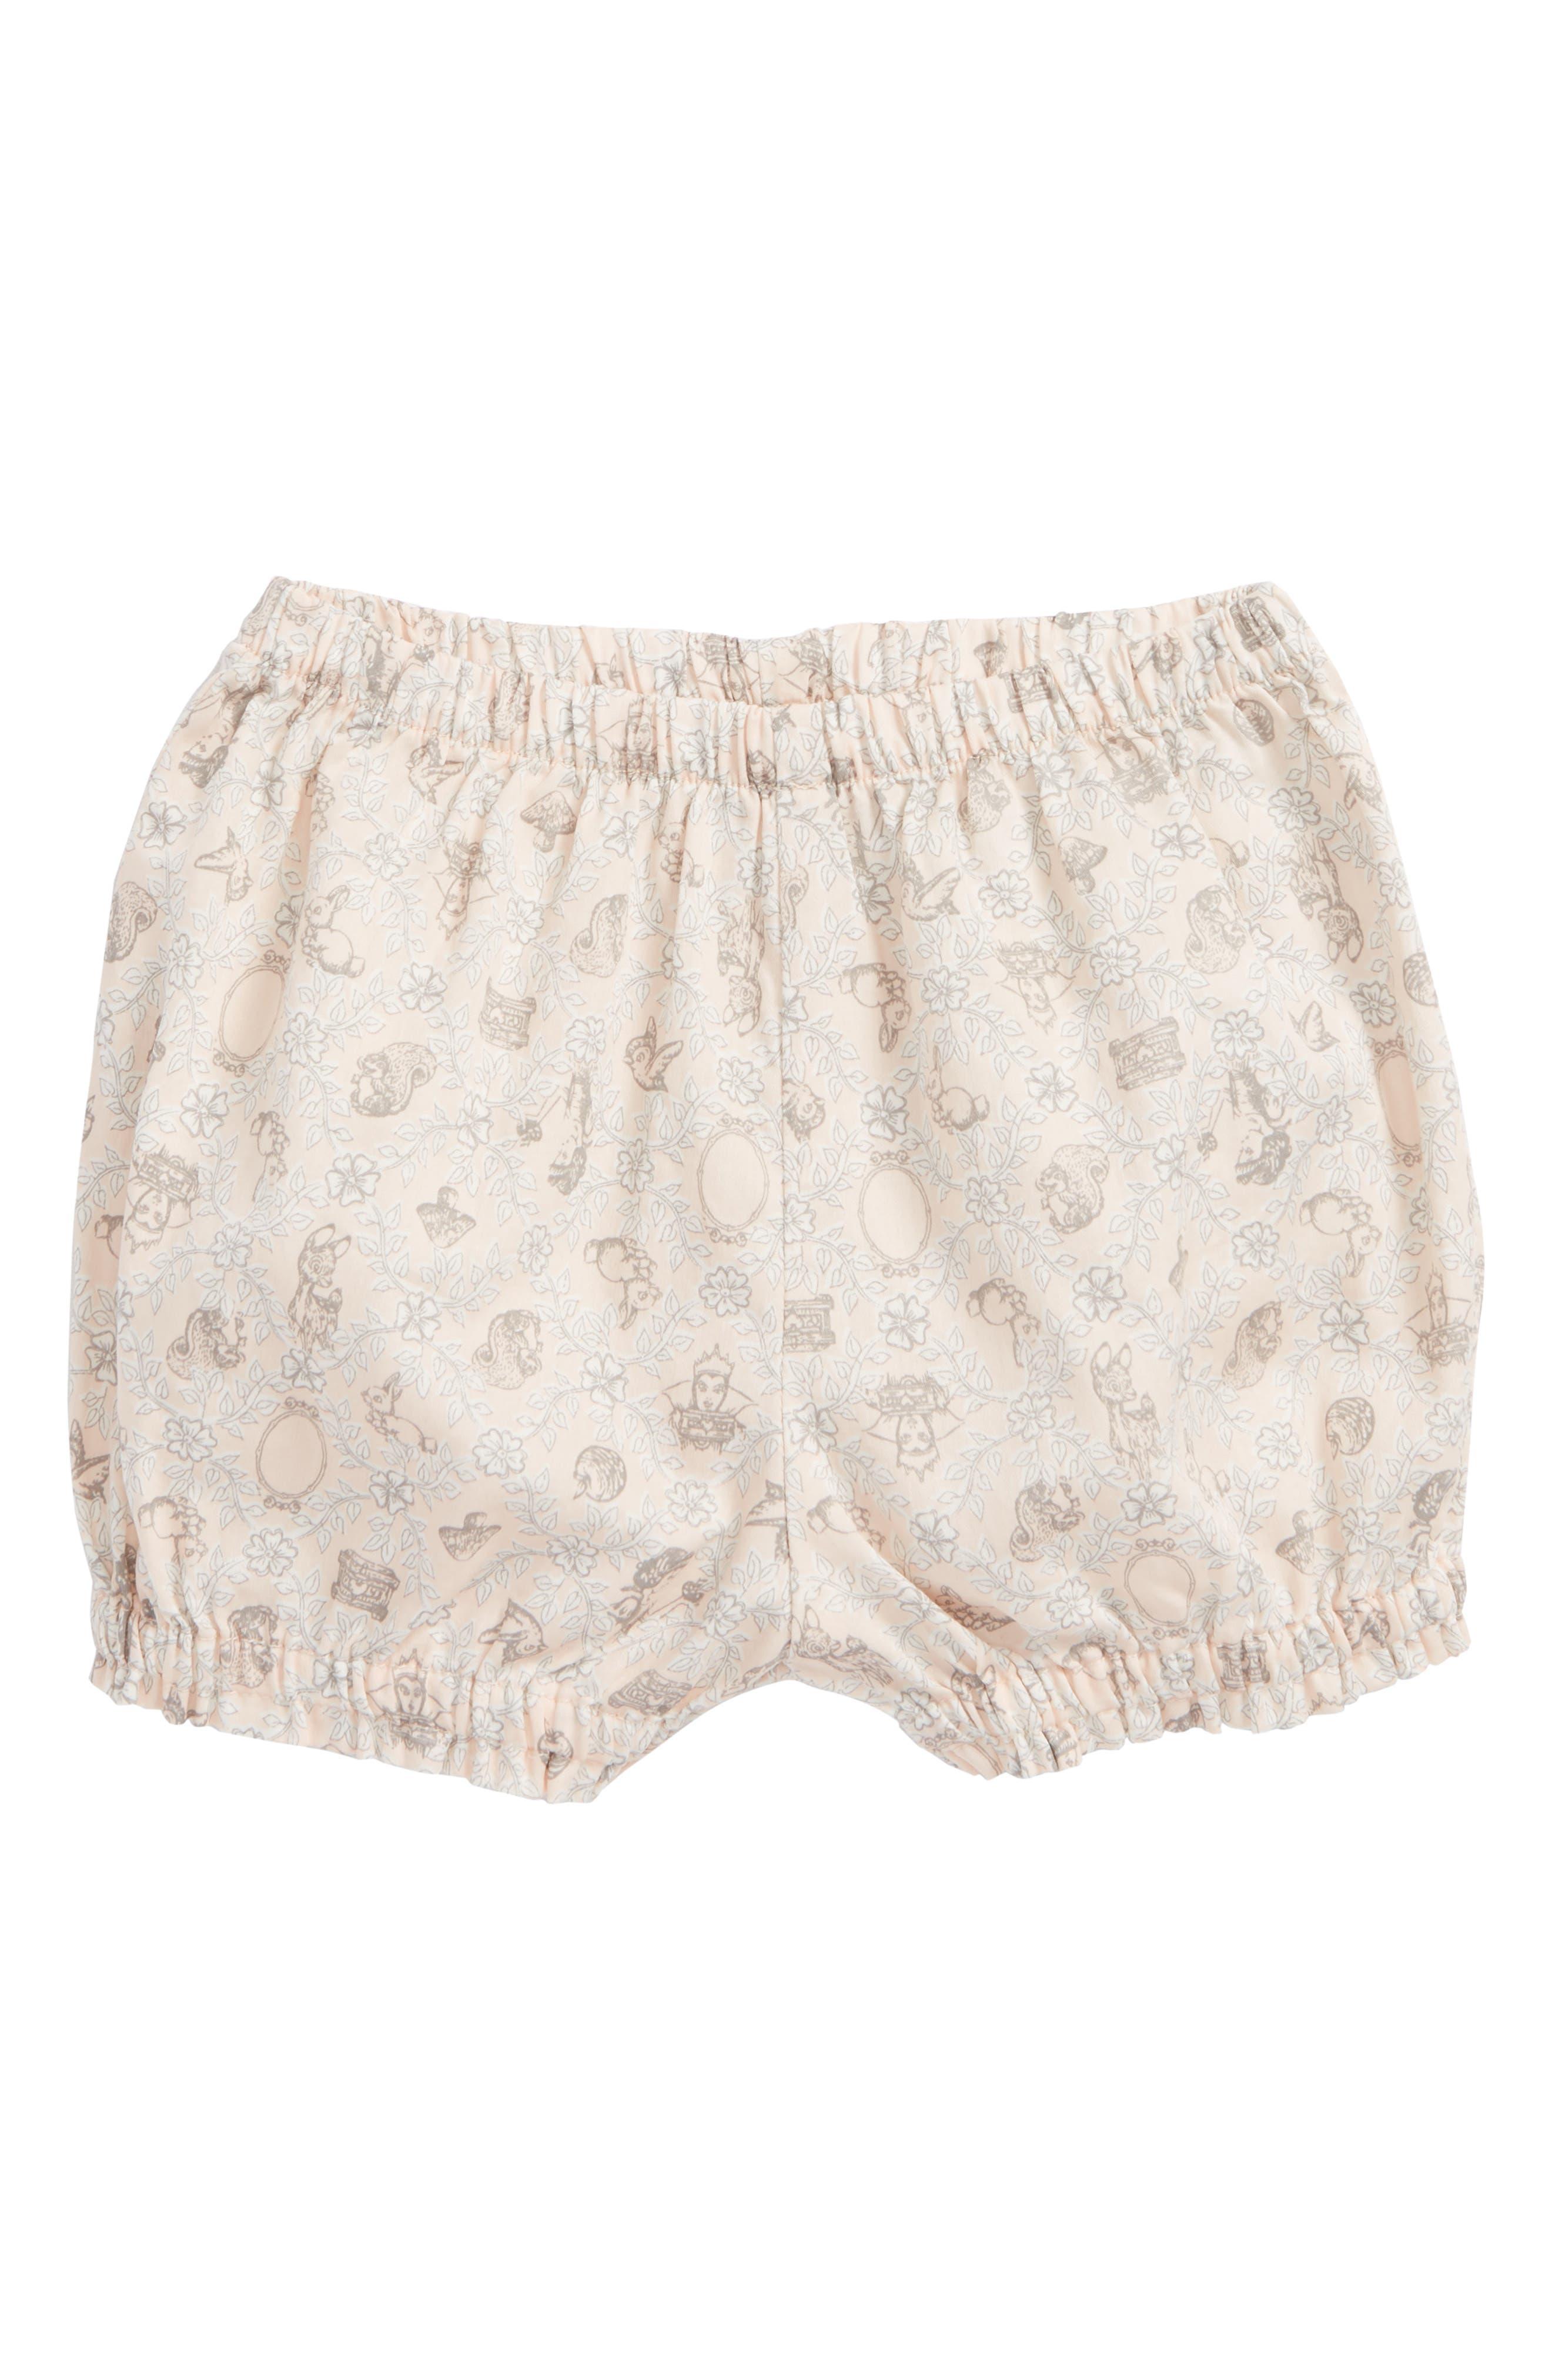 x Disney 'Snow White' Bubble Shorts,                         Main,                         color, 650